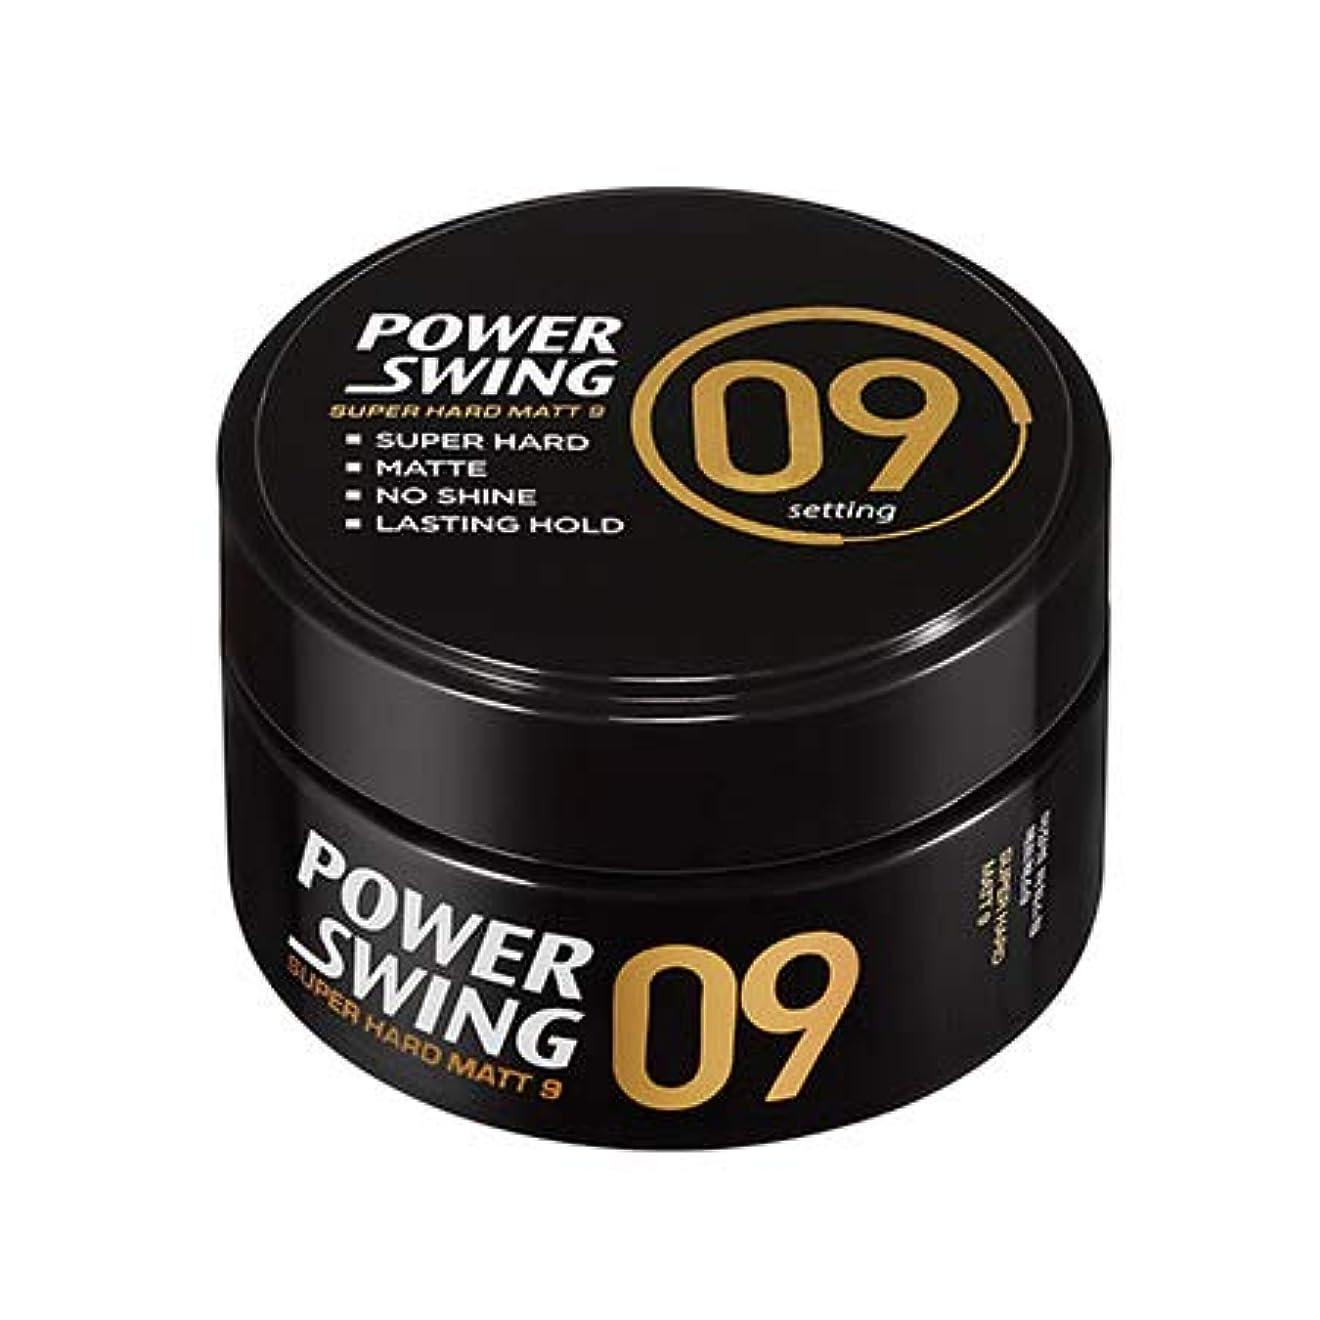 断片何故なの部屋を掃除する[ミジャンセン.miseenscene]パワースイングマットワックス9(80g)/ power swing matte wax